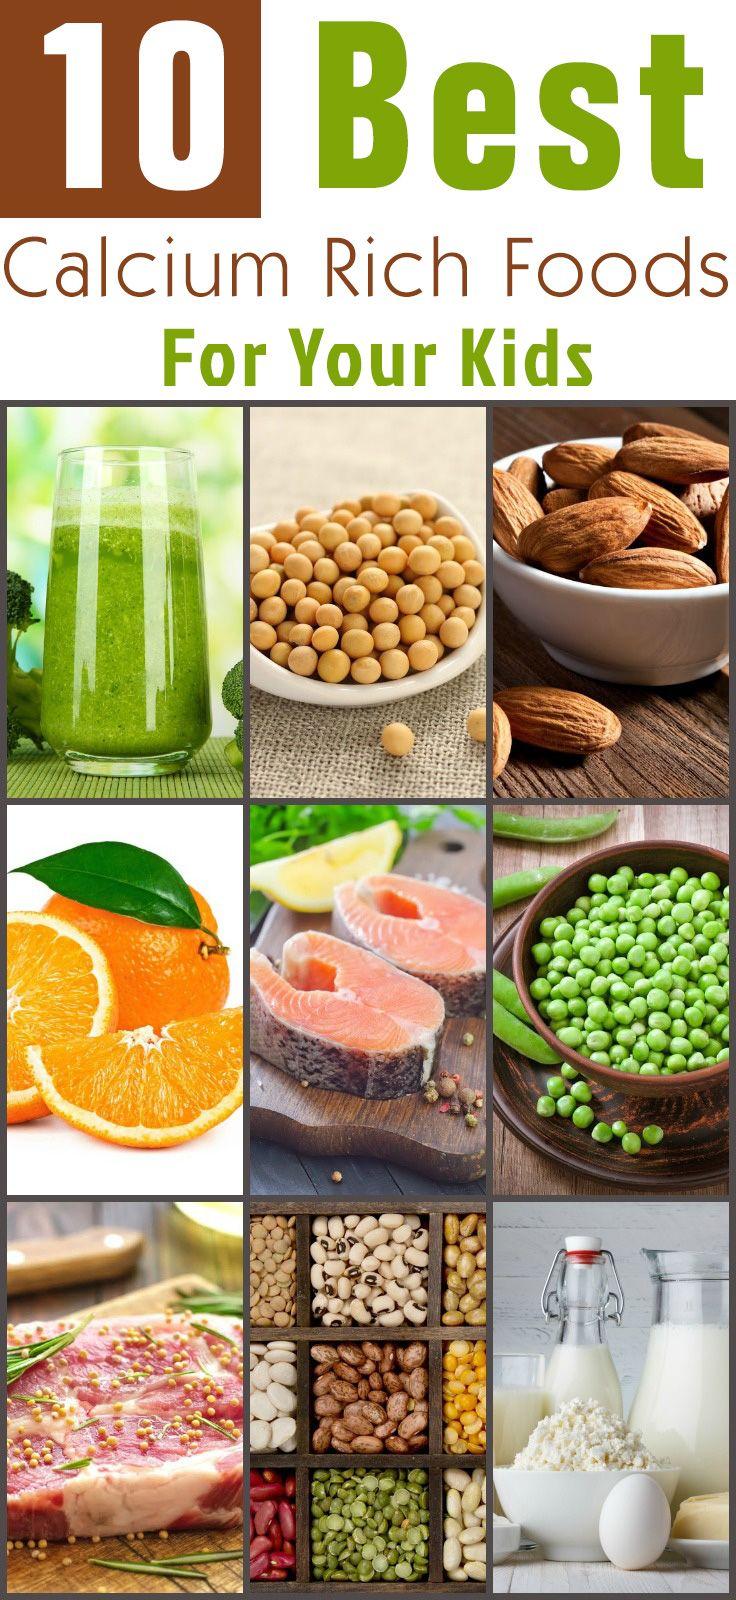 10 Best Food Sources Of Calcium For Kids Calcium rich